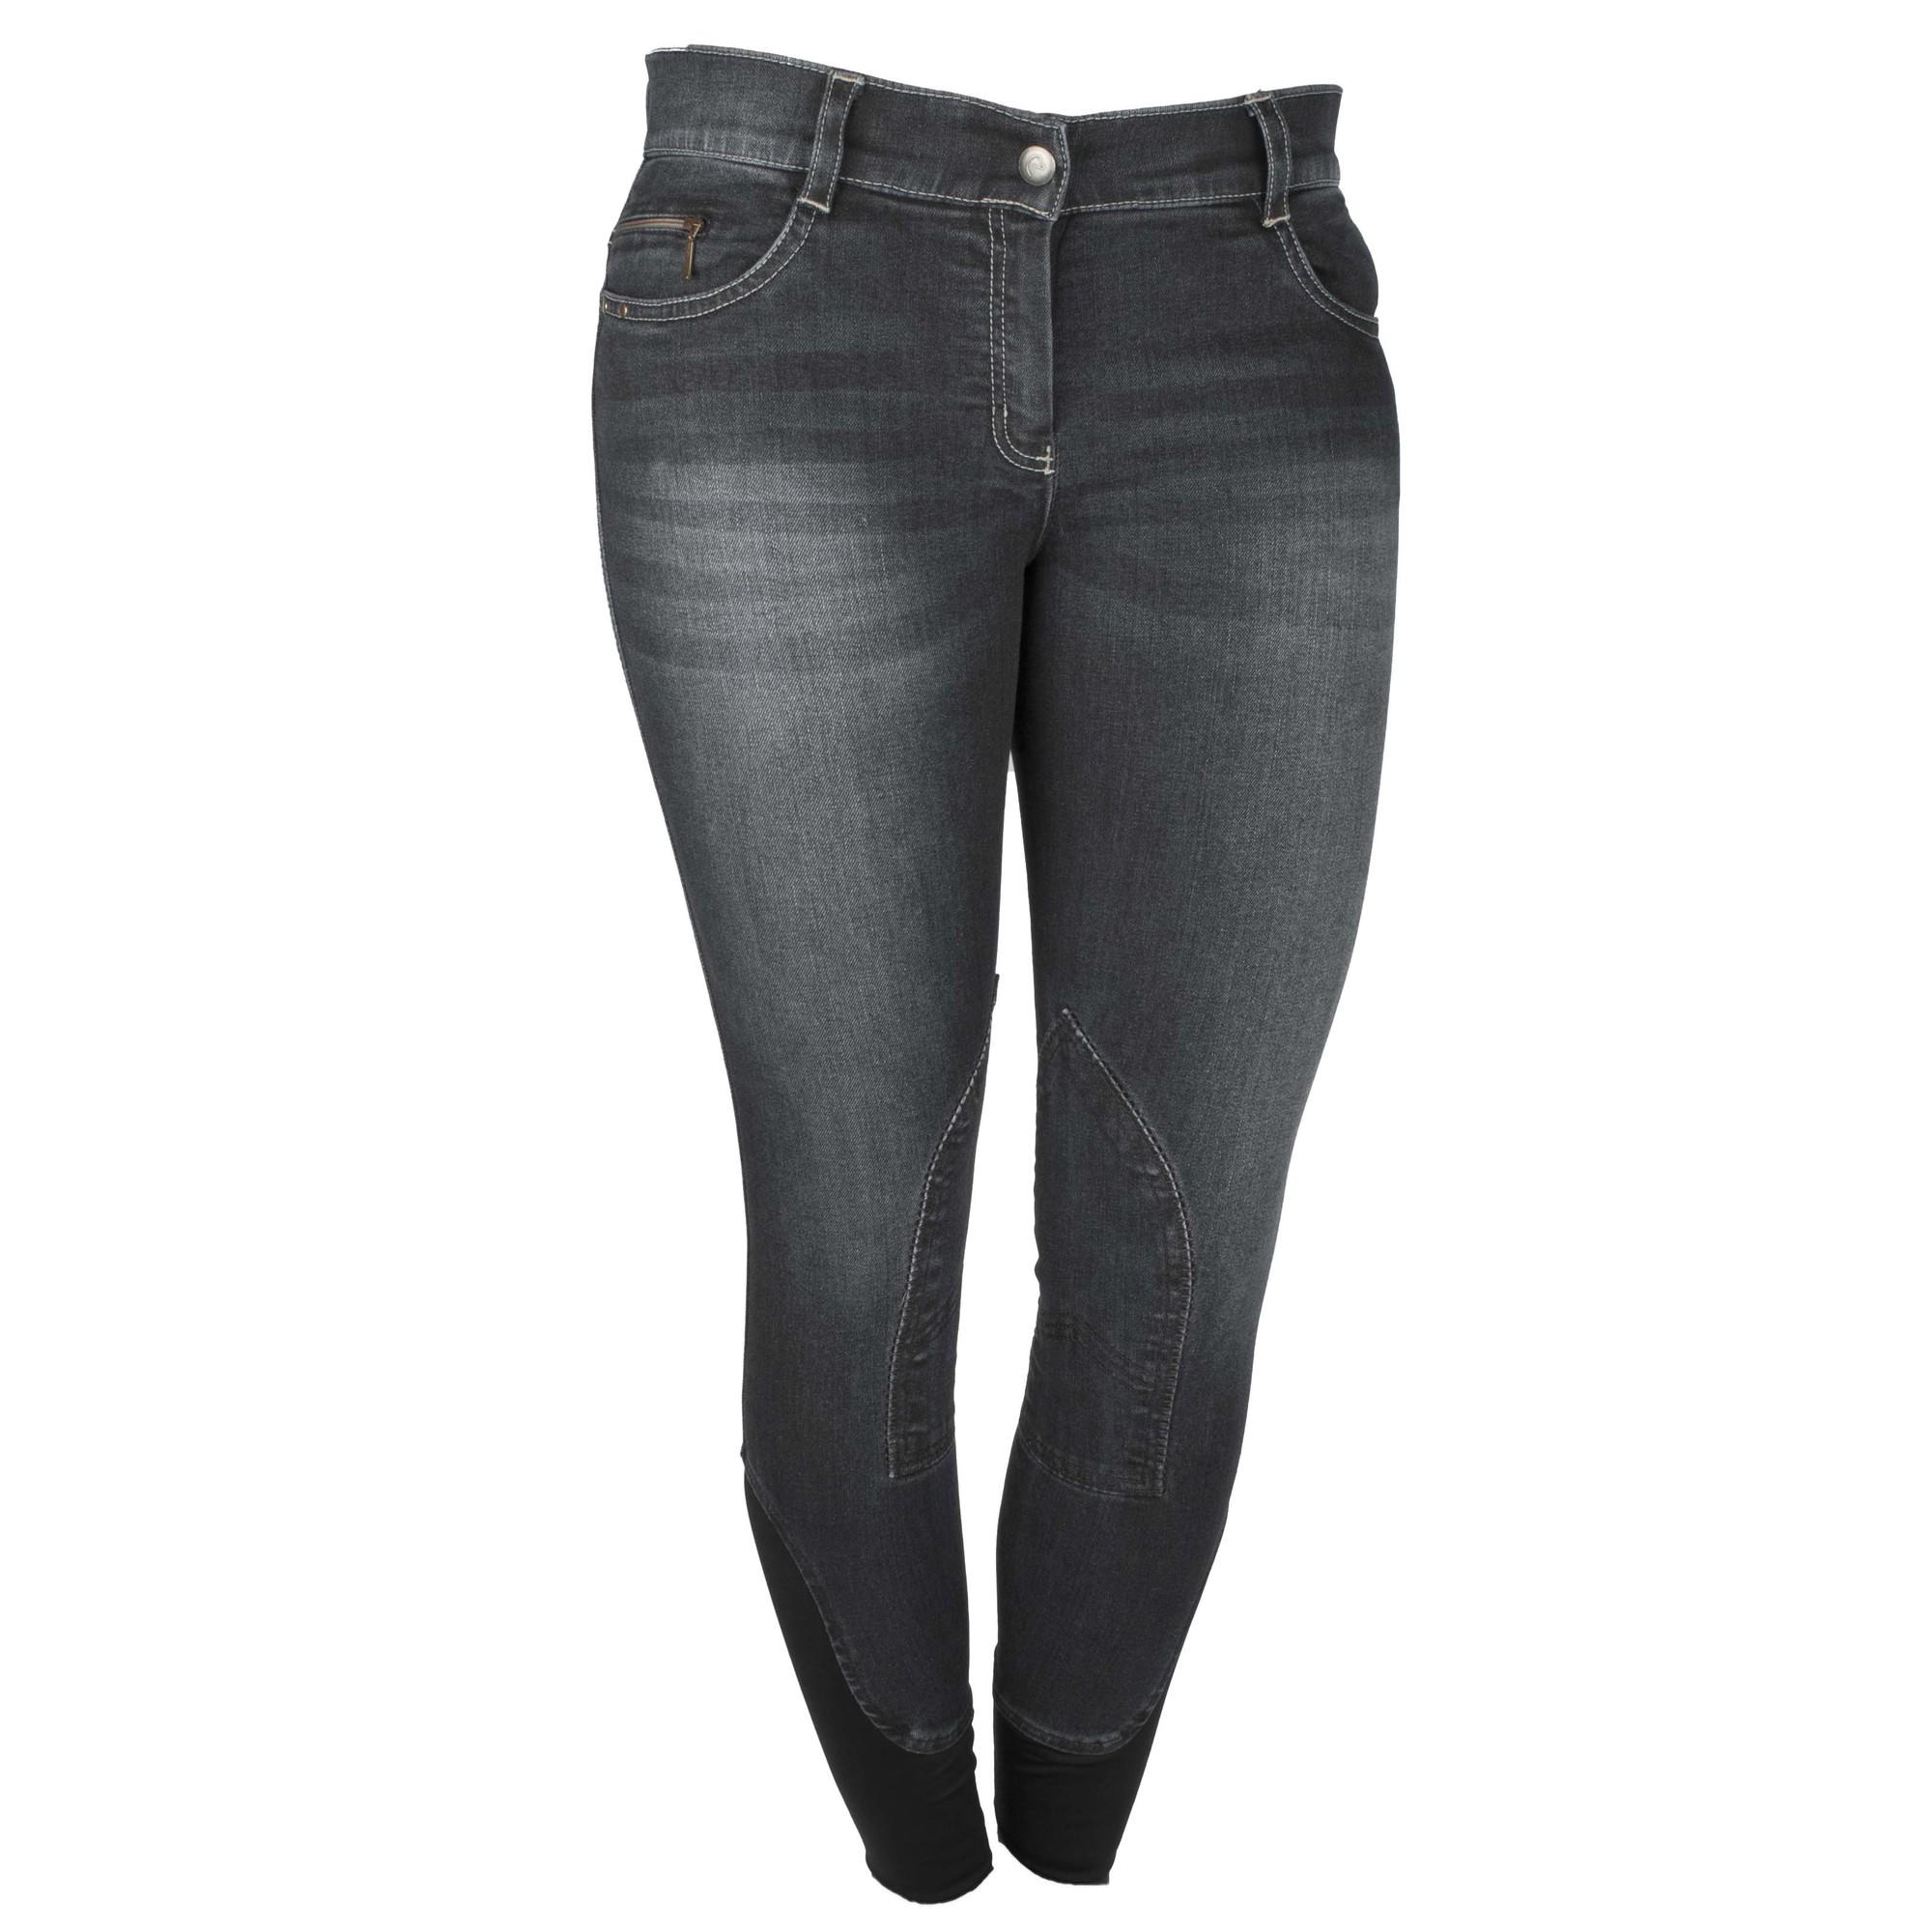 Equitheme Texas jeans rijbroek zwart maat:38